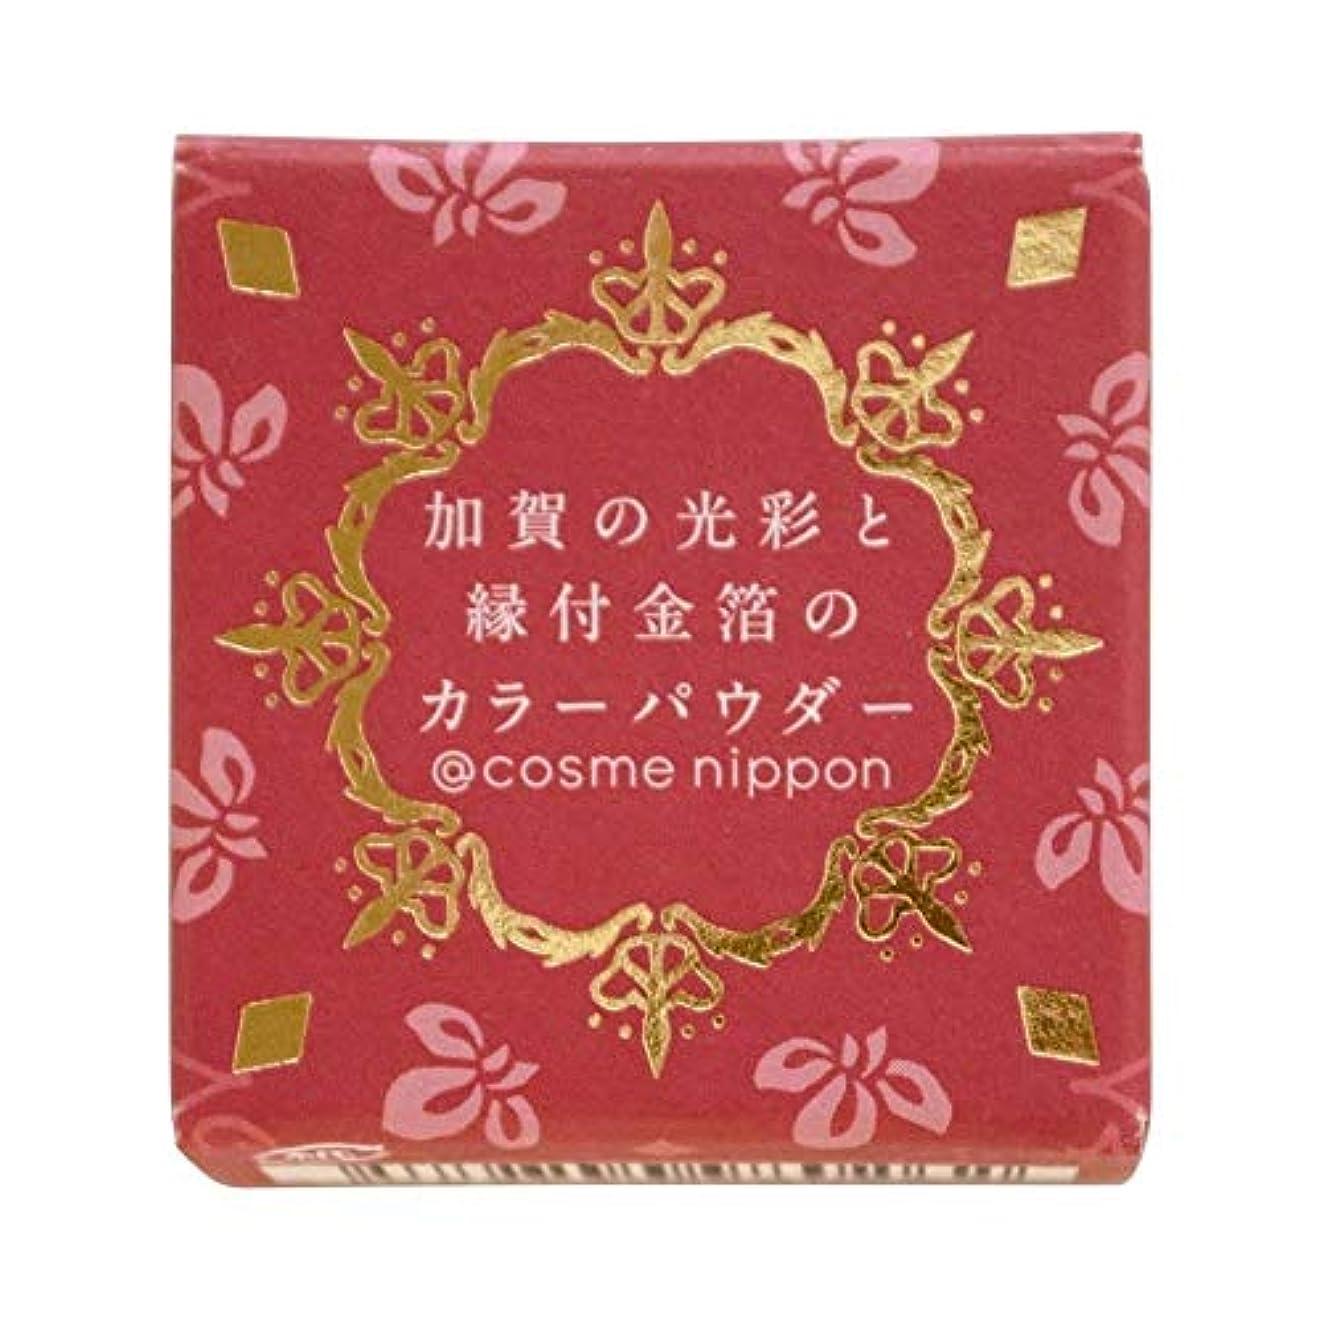 私たち自身廃止するプット友禅工芸 すずらん加賀の光彩と縁付け金箔のカラーパウダー02臙脂えんじ